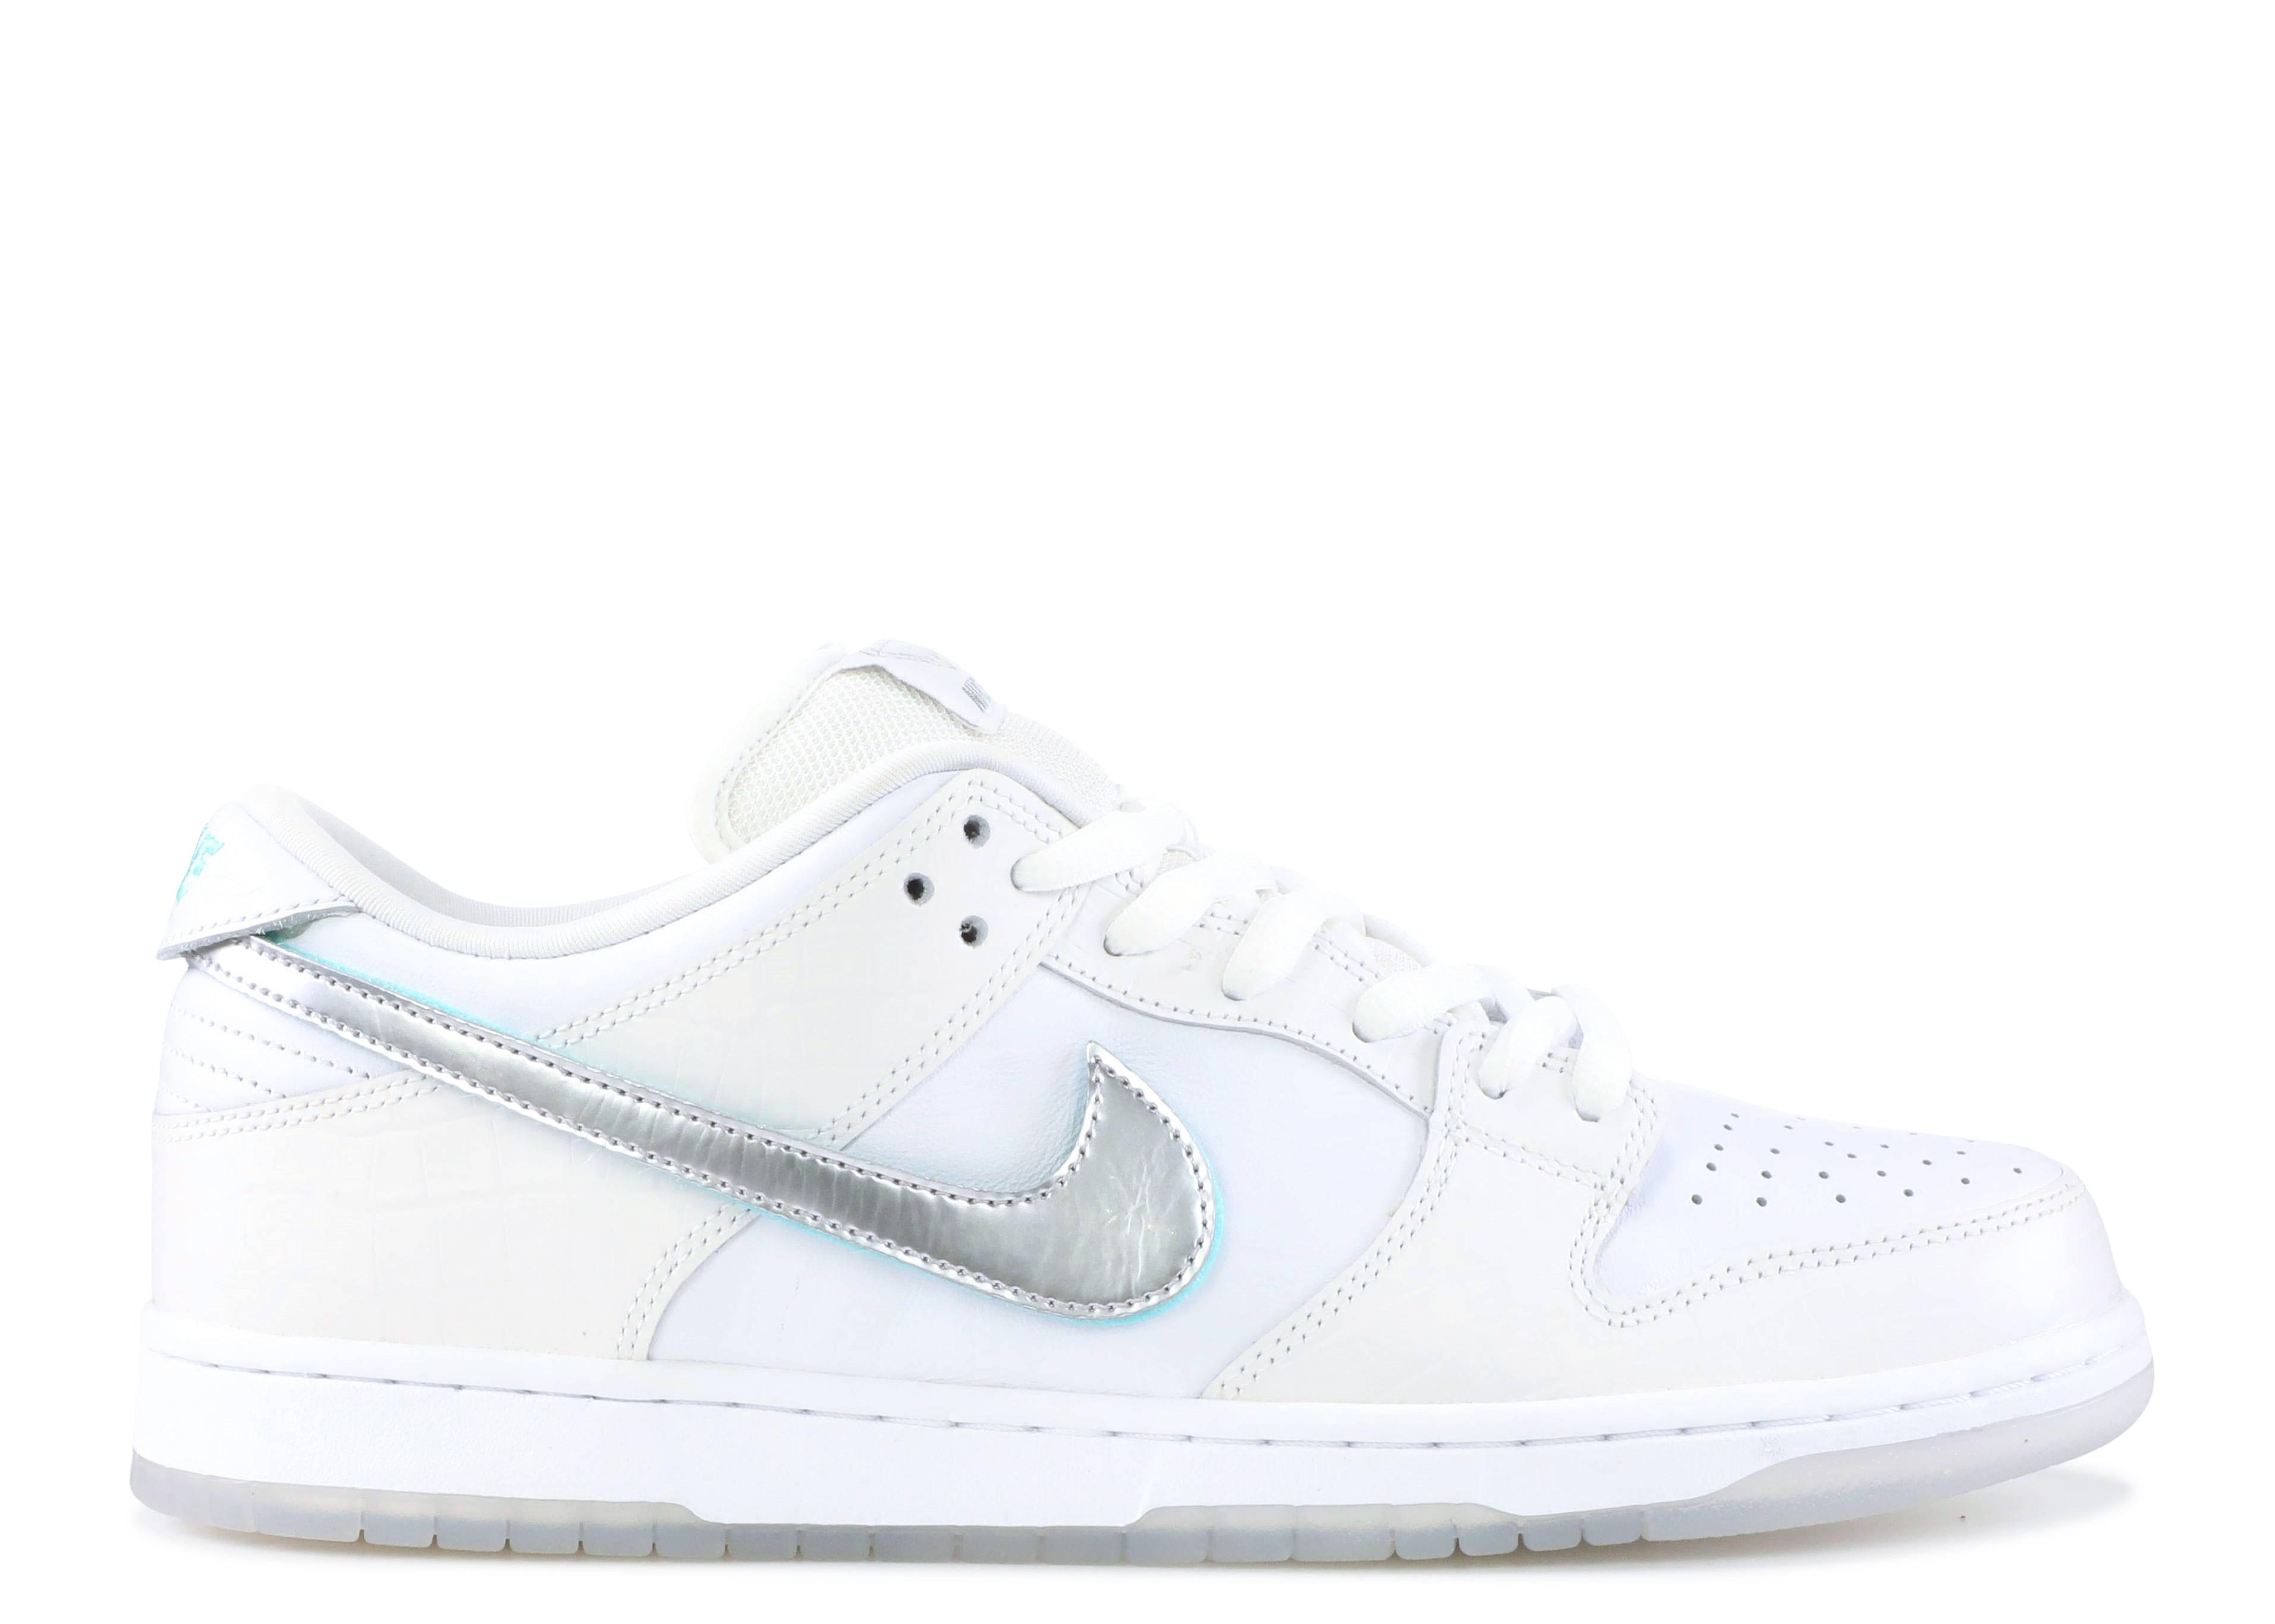 12e7f3fa0b Nike Sb Dunk Low Pro Og Qs